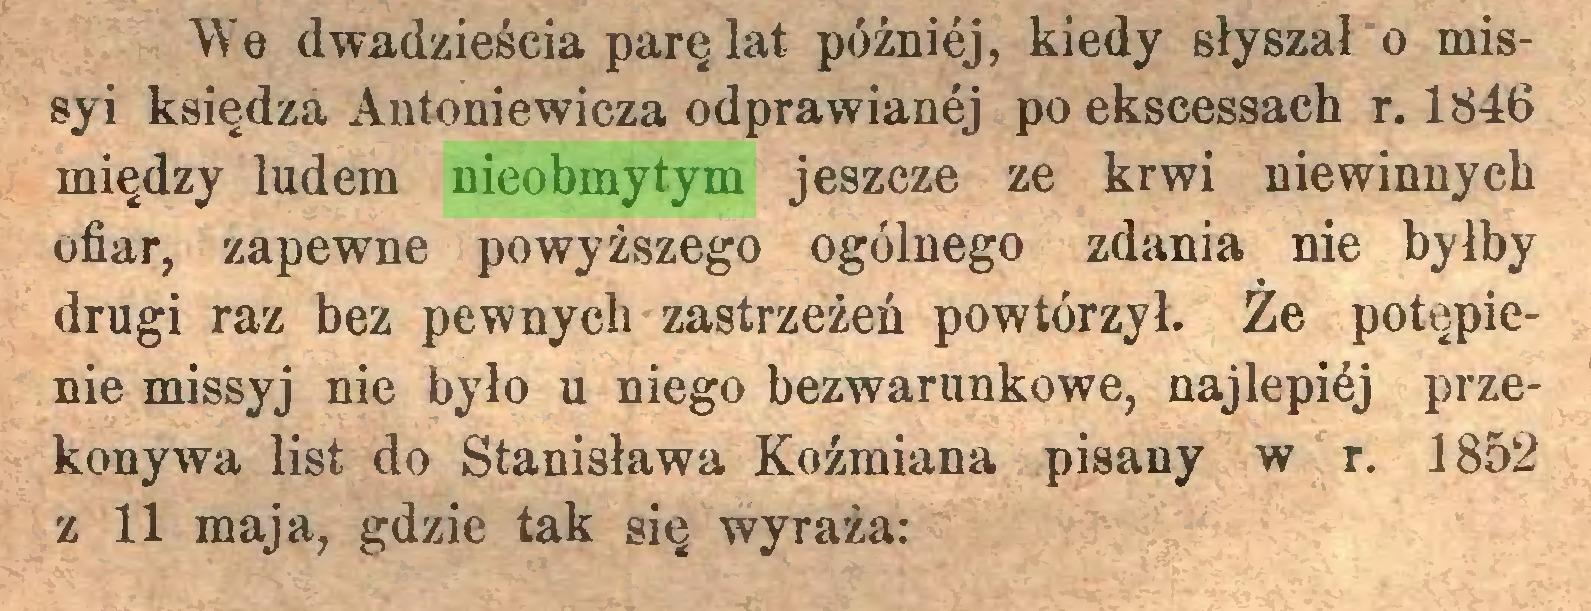 (...) We dwadzieścia parę lat później, kiedy słyszał o missyi księdza Antoniewicza odprawianej po ekscessach r. 1846 między ludem nieobmytym jeszcze ze krwi niewinnych ofiar, zapewne powyższego ogólnego zdania nie byłby drugi raz bez pewnych zastrzeżeń powtórzył. Że potępienie missyj nie było u niego bezwarunkowe, najlepićj przekonywa list do Stanisława Kożmiana pisany w r. 1852 z 11 maja, gdzie tak się wyraża:...